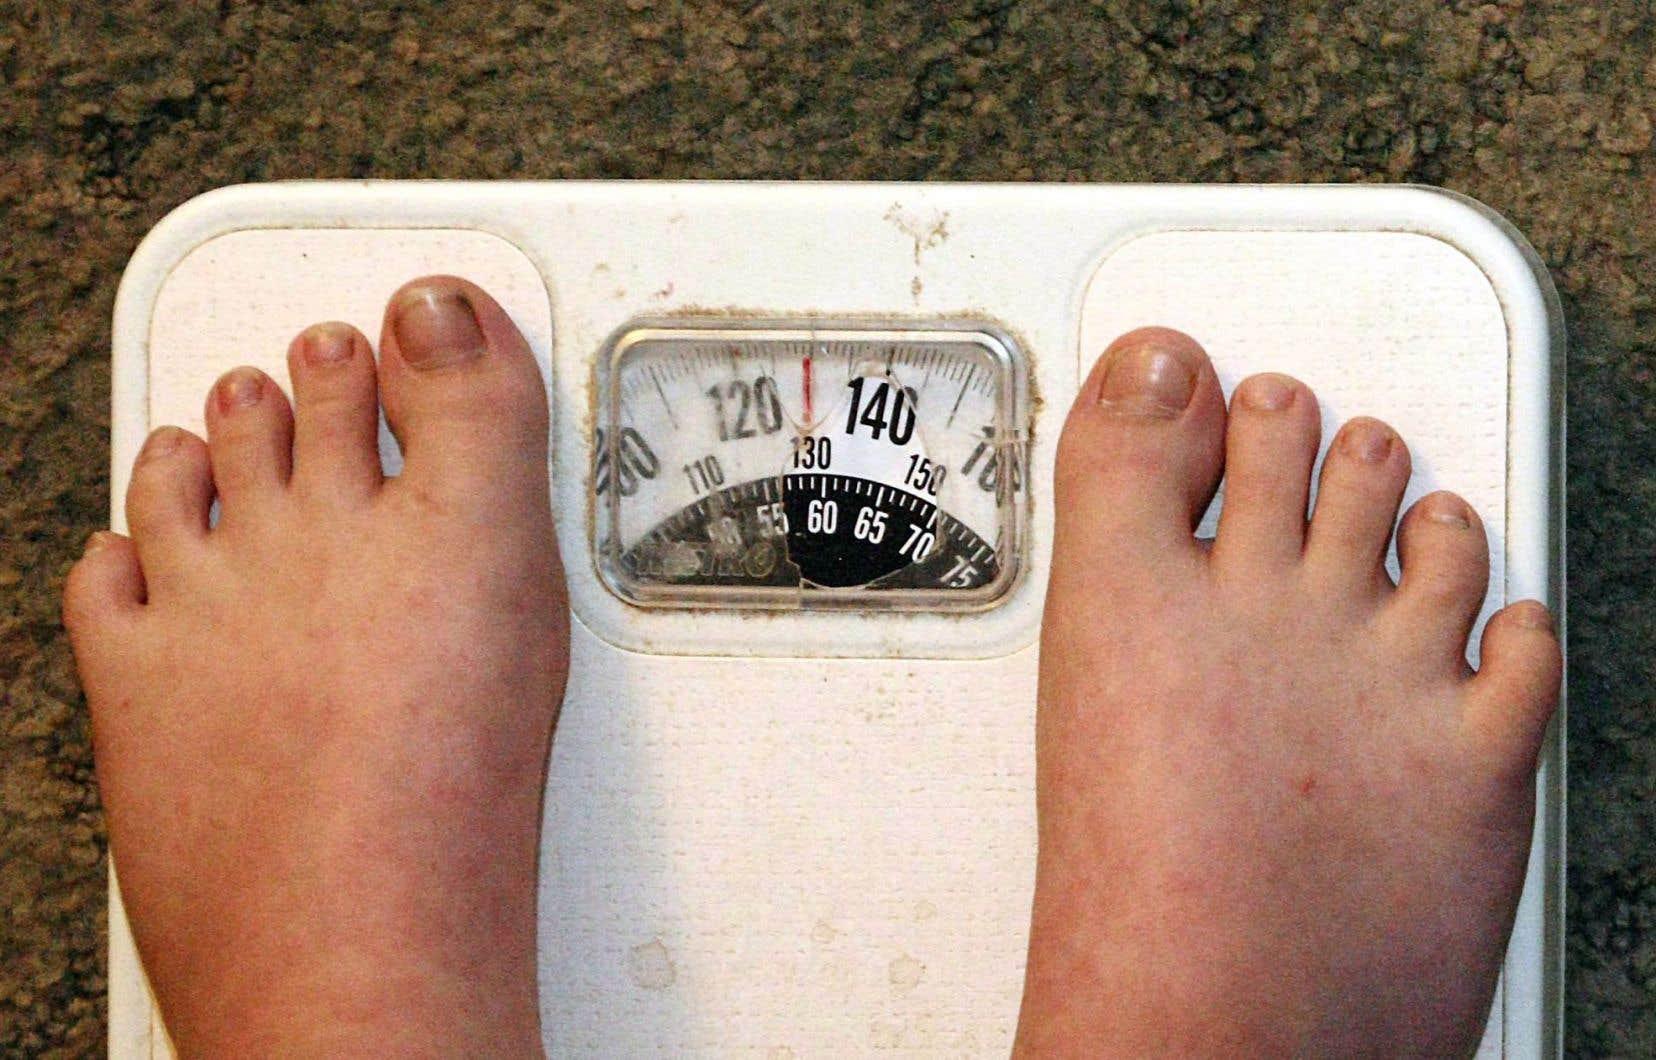 Après la saison des Fêtes, on ressent le besoin de nettoyer son corps et, pourquoi pas, de perdre quelques kilos. Faut-il alors s'offrir une cure de détox?